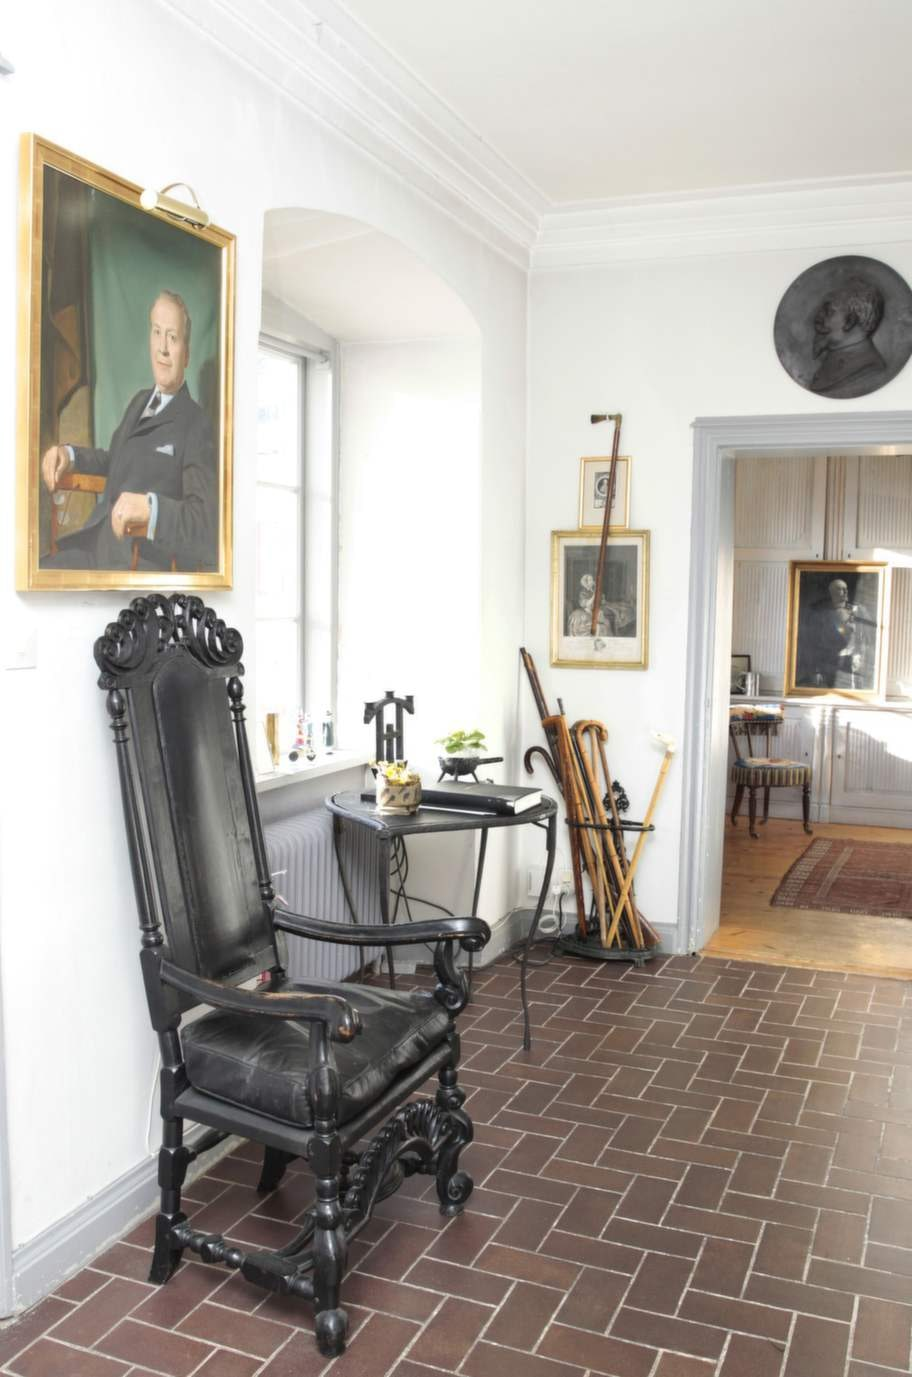 """Porträtt. I hallen tronar en barockstol under porträttet av Carl Jans morfar, Gustaf Ahlkvist, som drev """"The swedish health center"""" i Allentown, Pennsylvania. En samling spatserkäppar skymtar i hörnan."""